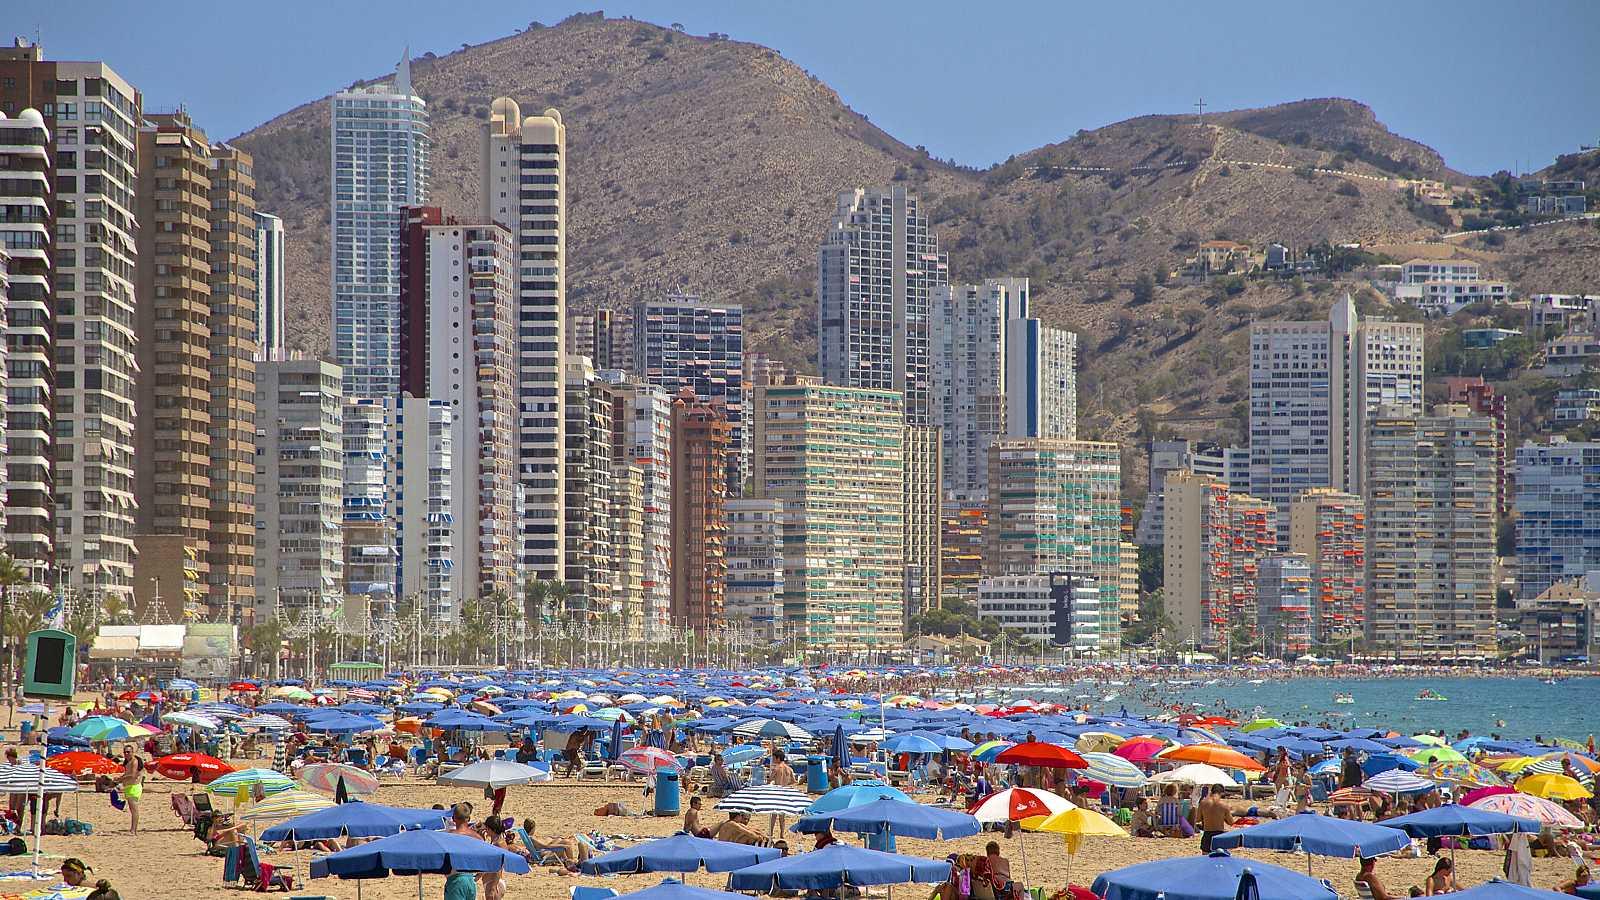 La playa de Benidorm (Alicante), repleta de turistas, en una imagen de archivo.